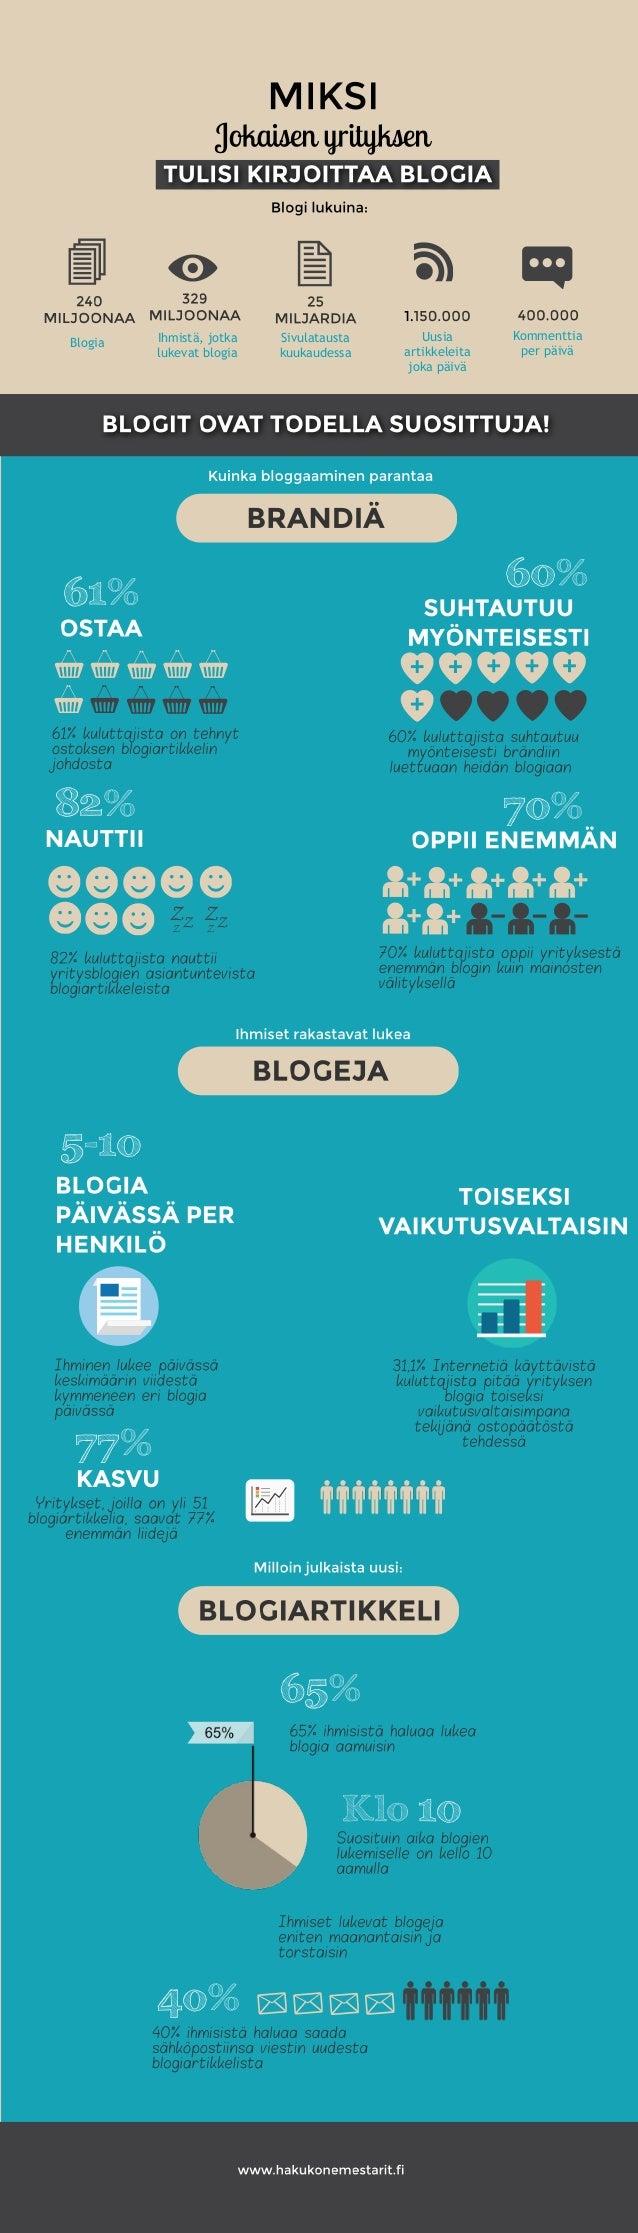 Blogia Ihmistä,jotka lukevatblogia Sivulatausta kuukaudessa Uusia artikkeleita jokapäivä Kommenttia perpäivä